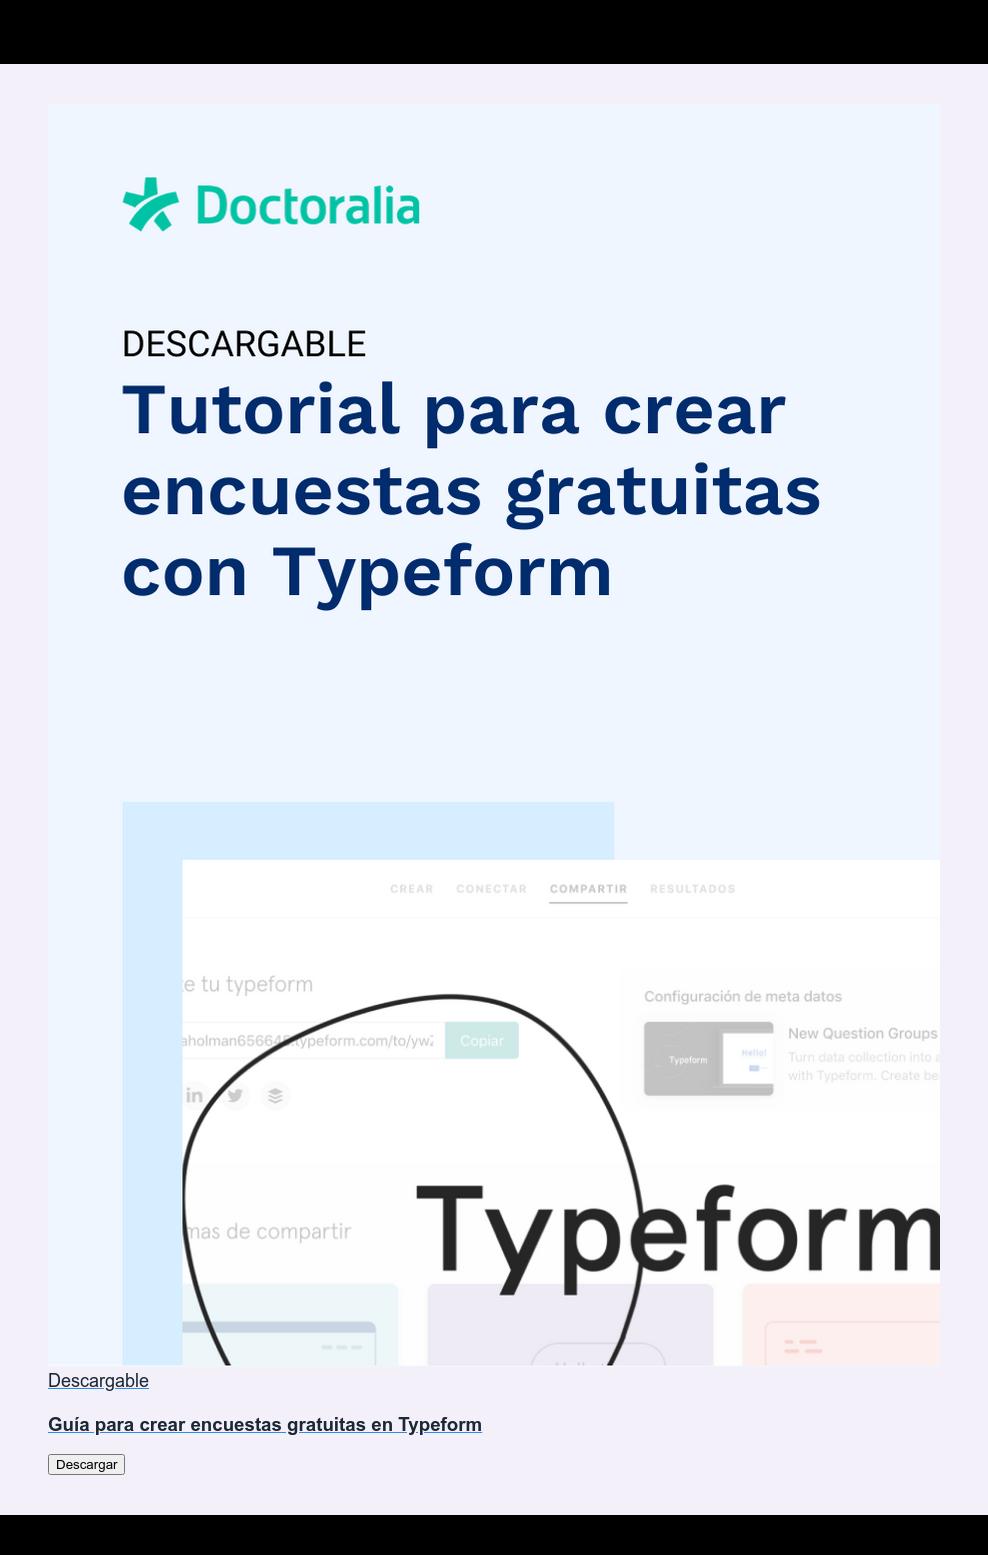 Descargable  Guía para crear encuestas gratuitas en Typeform Descargar